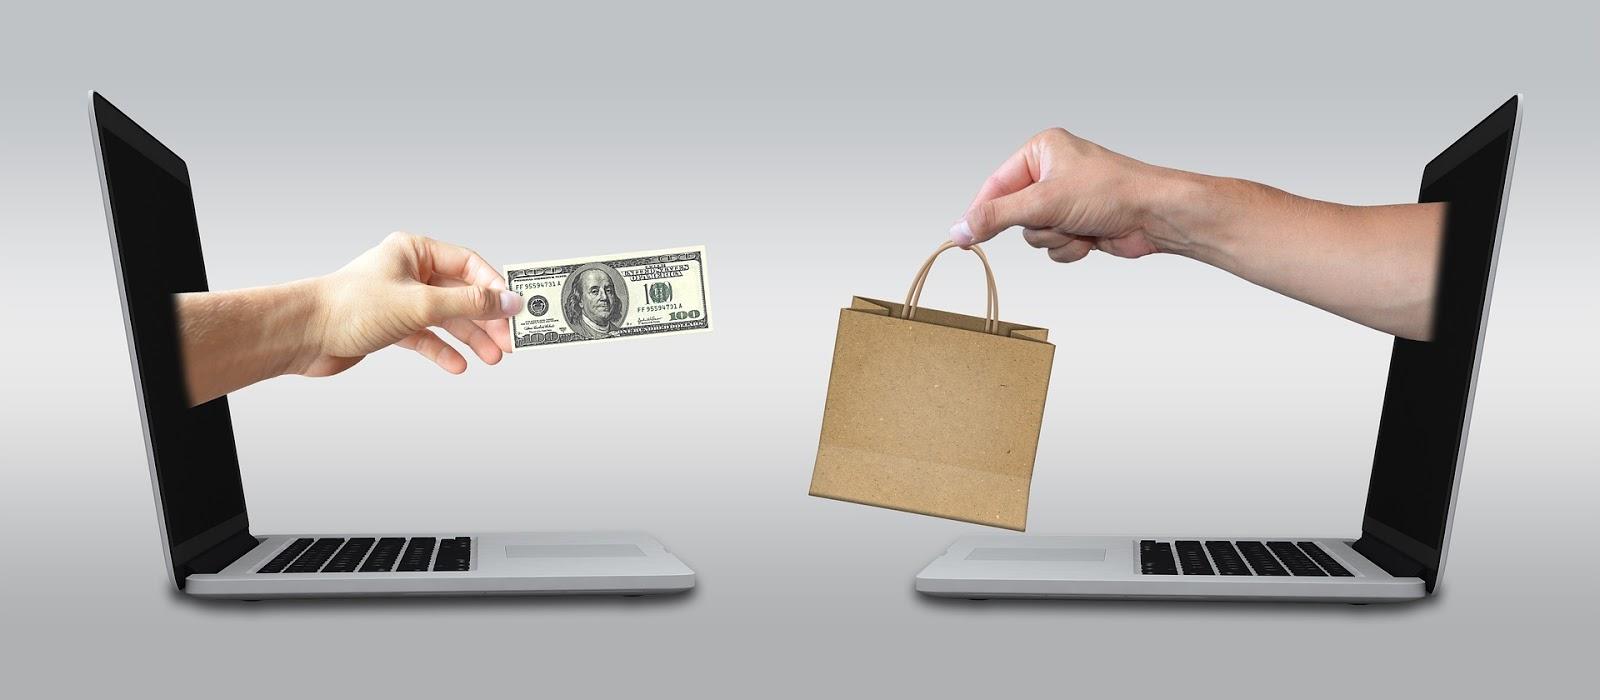 Langkah Cara Belanja Online Aman Terhindar Dari Penipuan